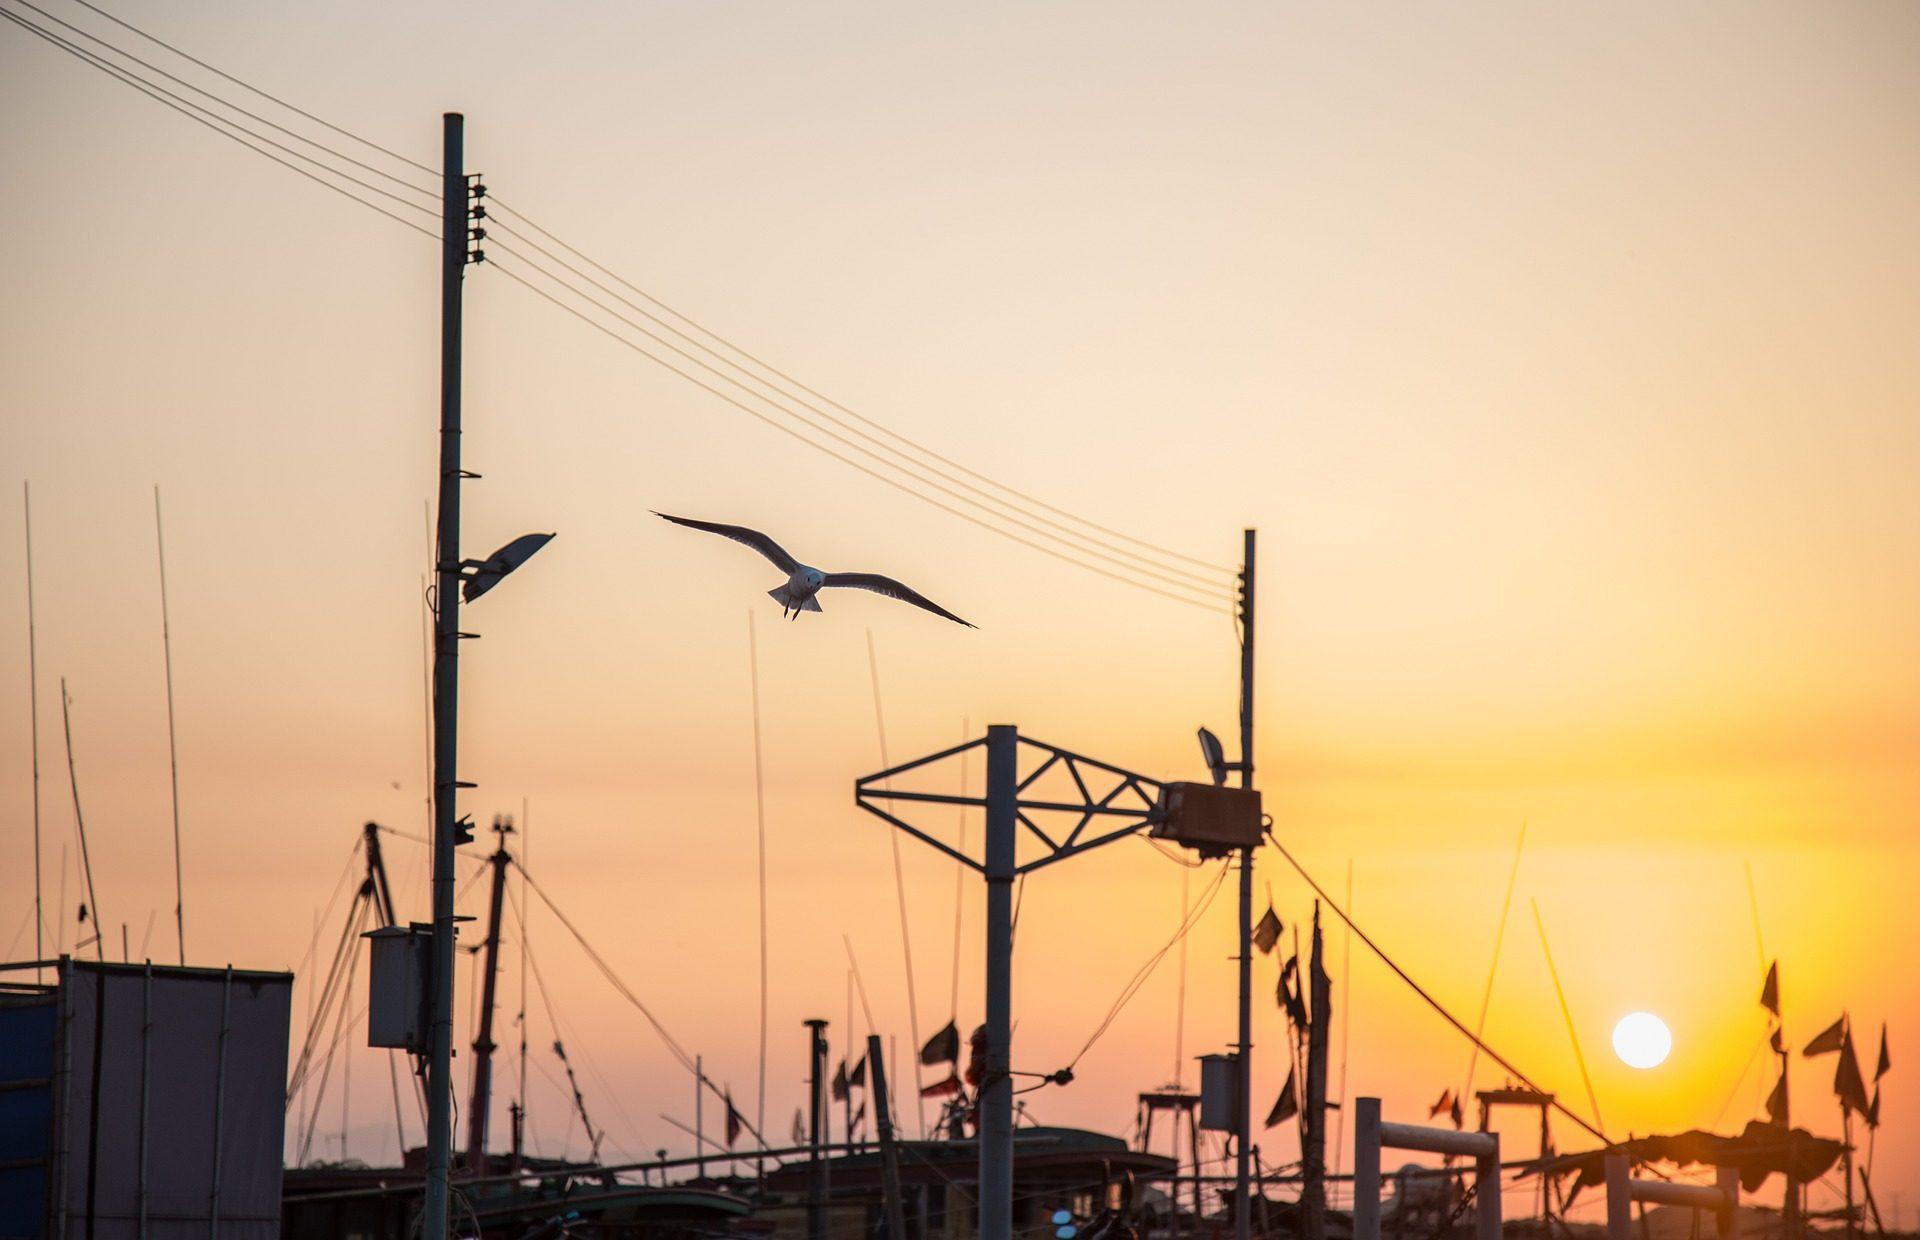 النوارس, قوارب, منفذ, mástiles, غروب الشمس - خلفيات عالية الدقة - أستاذ falken.com